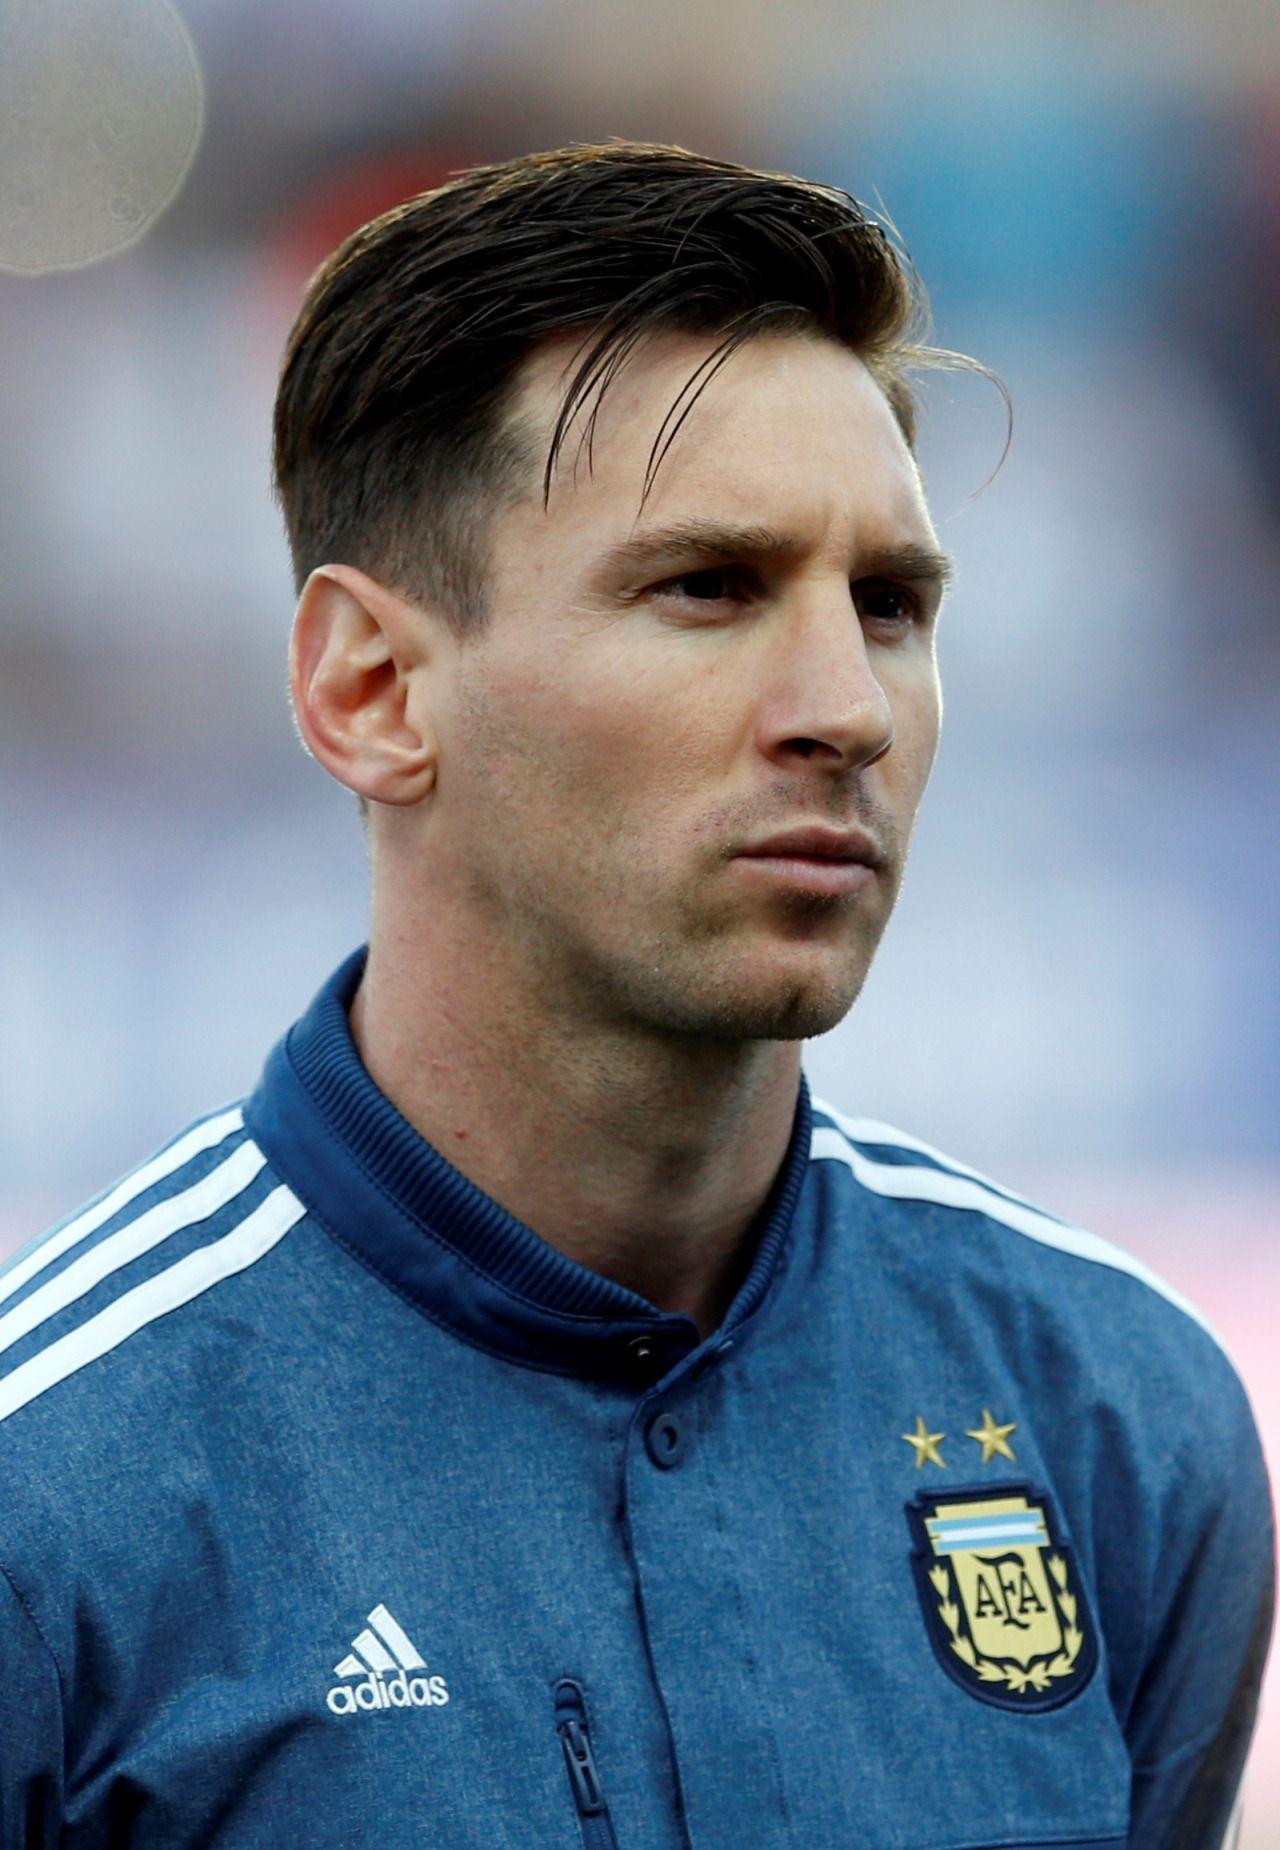 Corte De Messi : corte, messi, Lionel, Messi, America, Argentina, Paraguay., Messi,, Caras, Futebol,, Cabelo